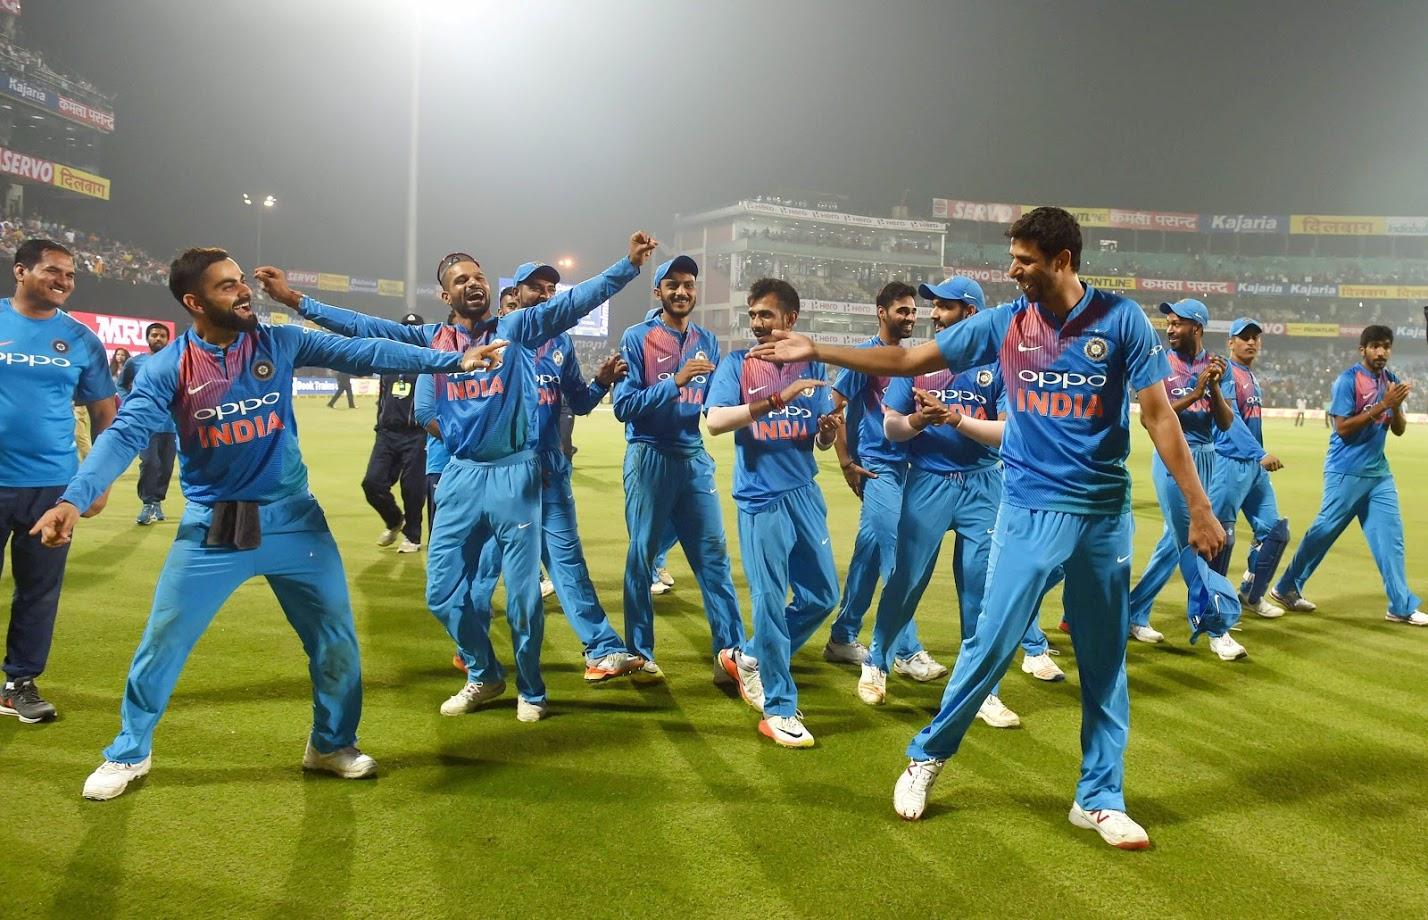 भारताचा माजी खेळाडू आशिष नेहराला कोहलीचा हा अंदाज अजिबात आवडला नाही. सोनी सिक्समध्ये कॉमेंट्री बॉक्समध्ये समालोचन करताना कोहलीला त्याचा अतिआत्मविश्वास नडला असे नेहरा म्हणाला.